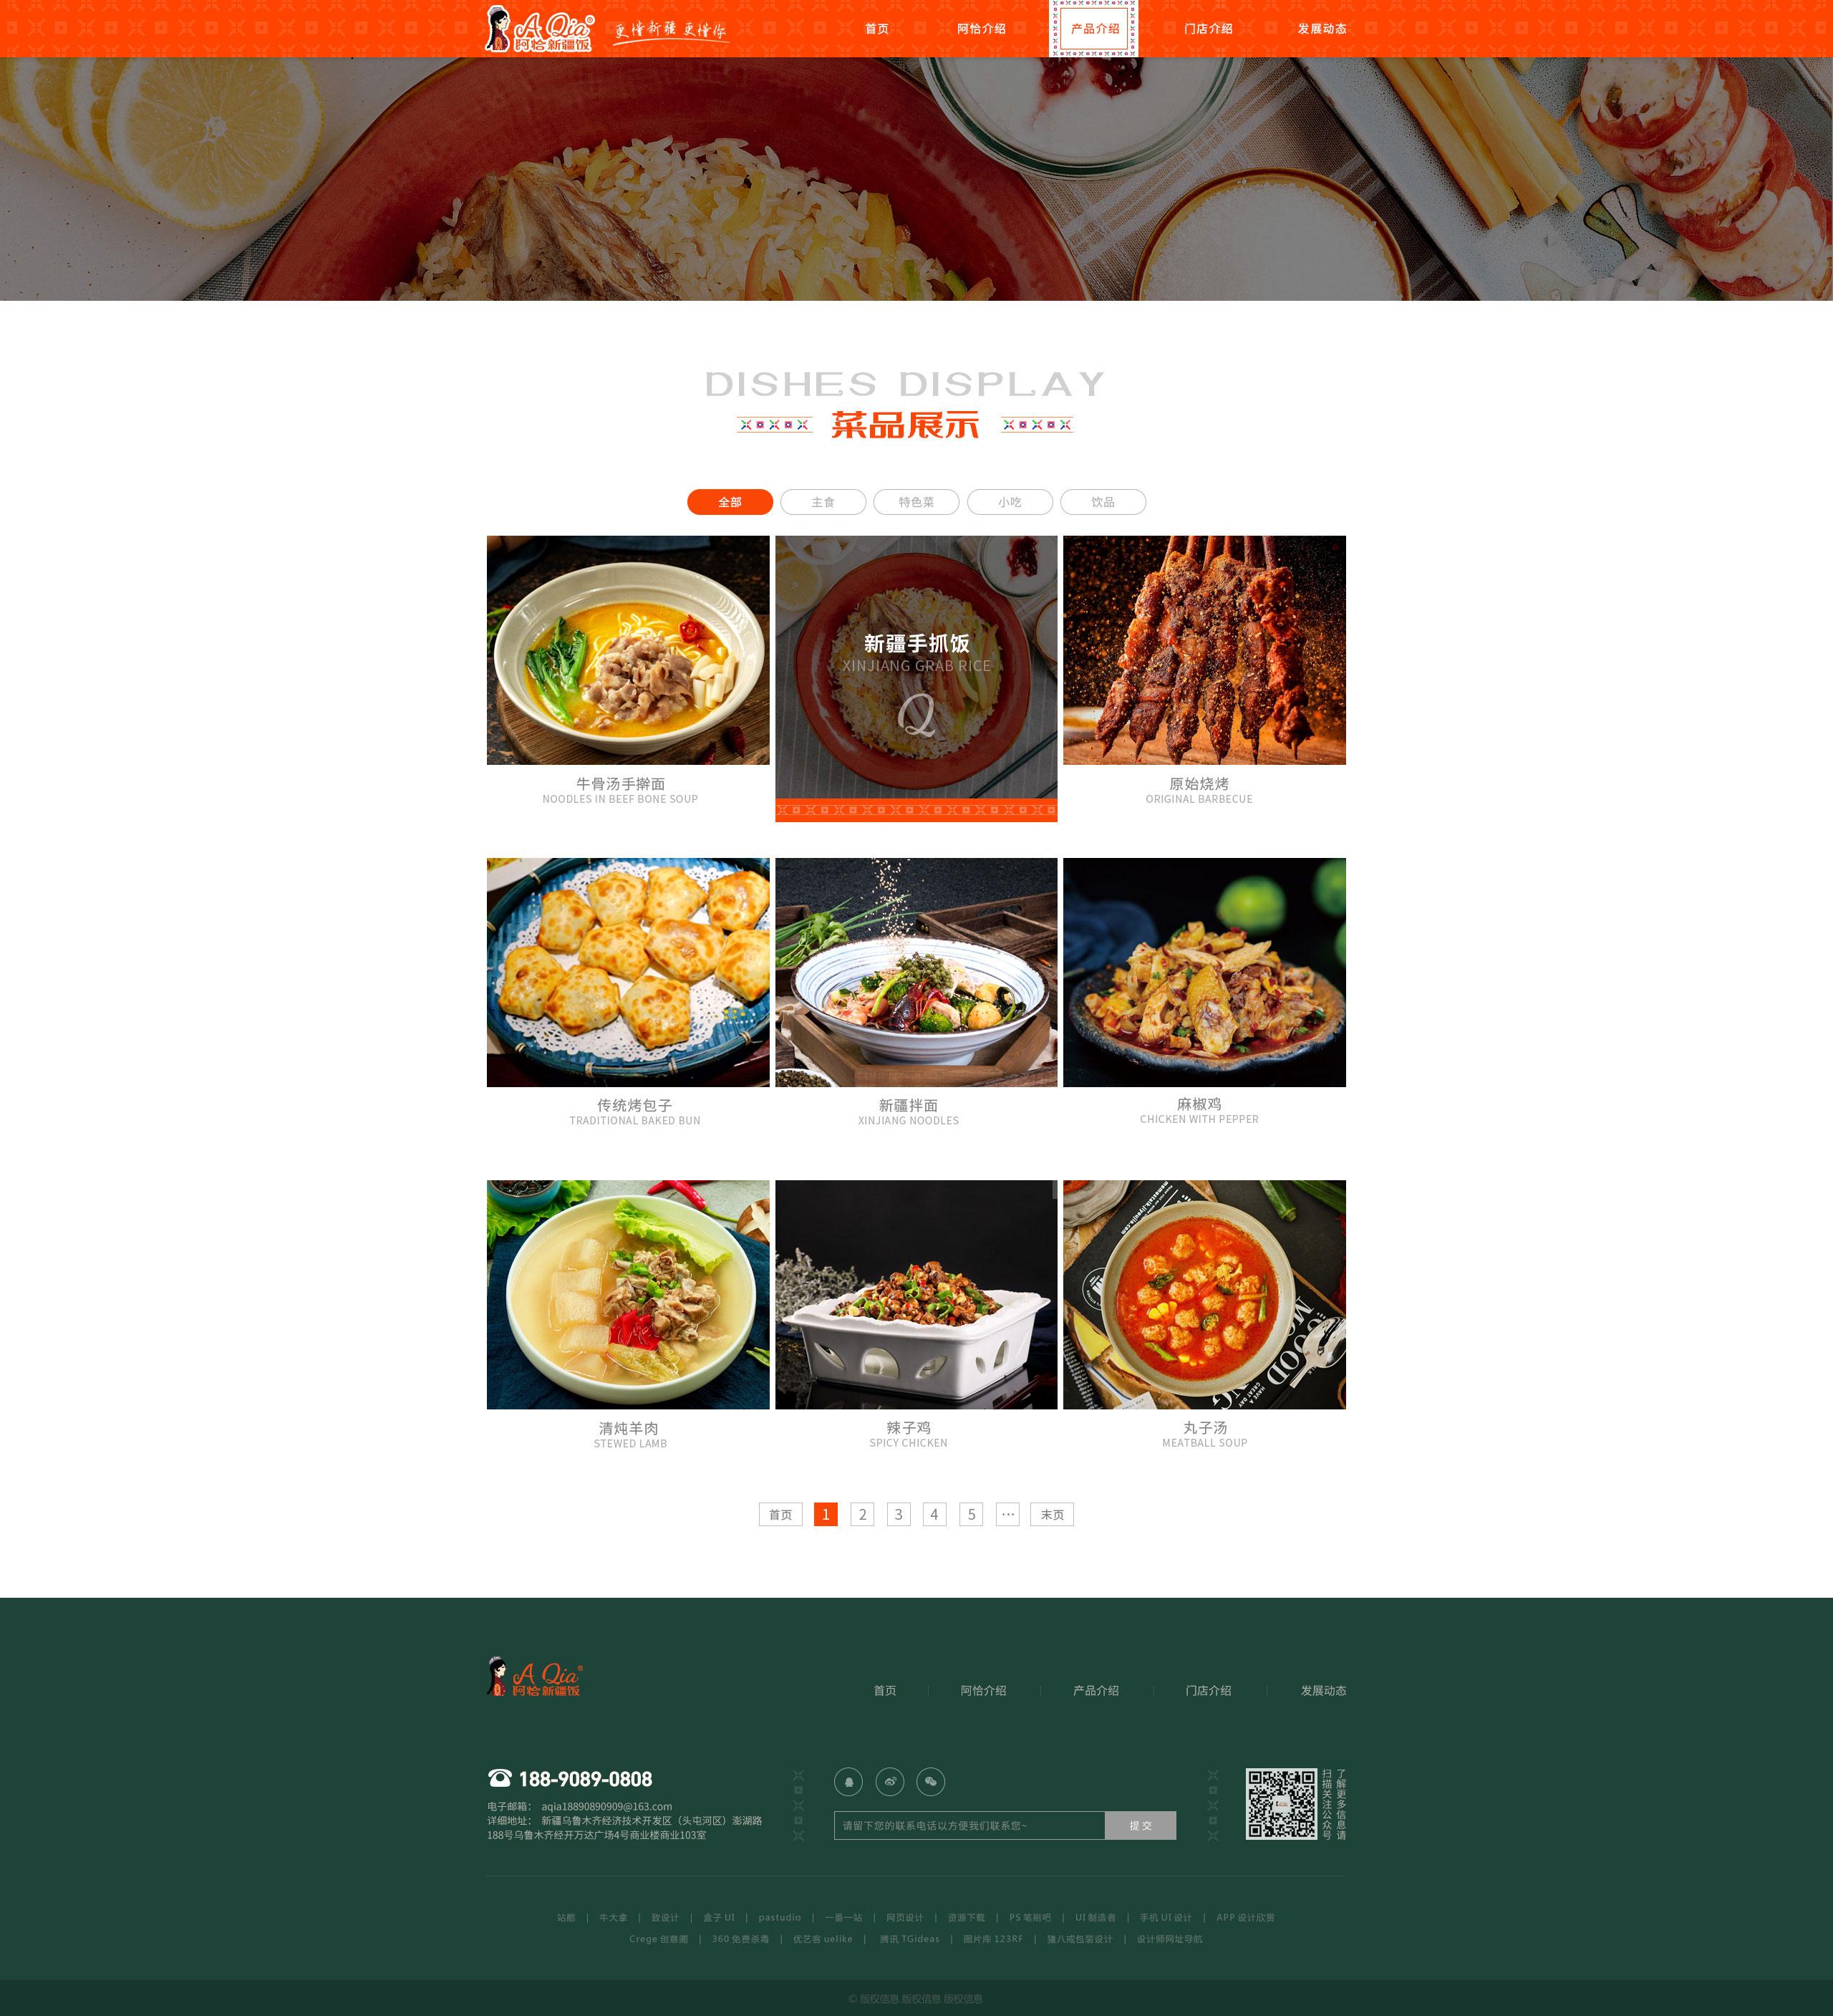 5-阿恰-菜品展示.jpg